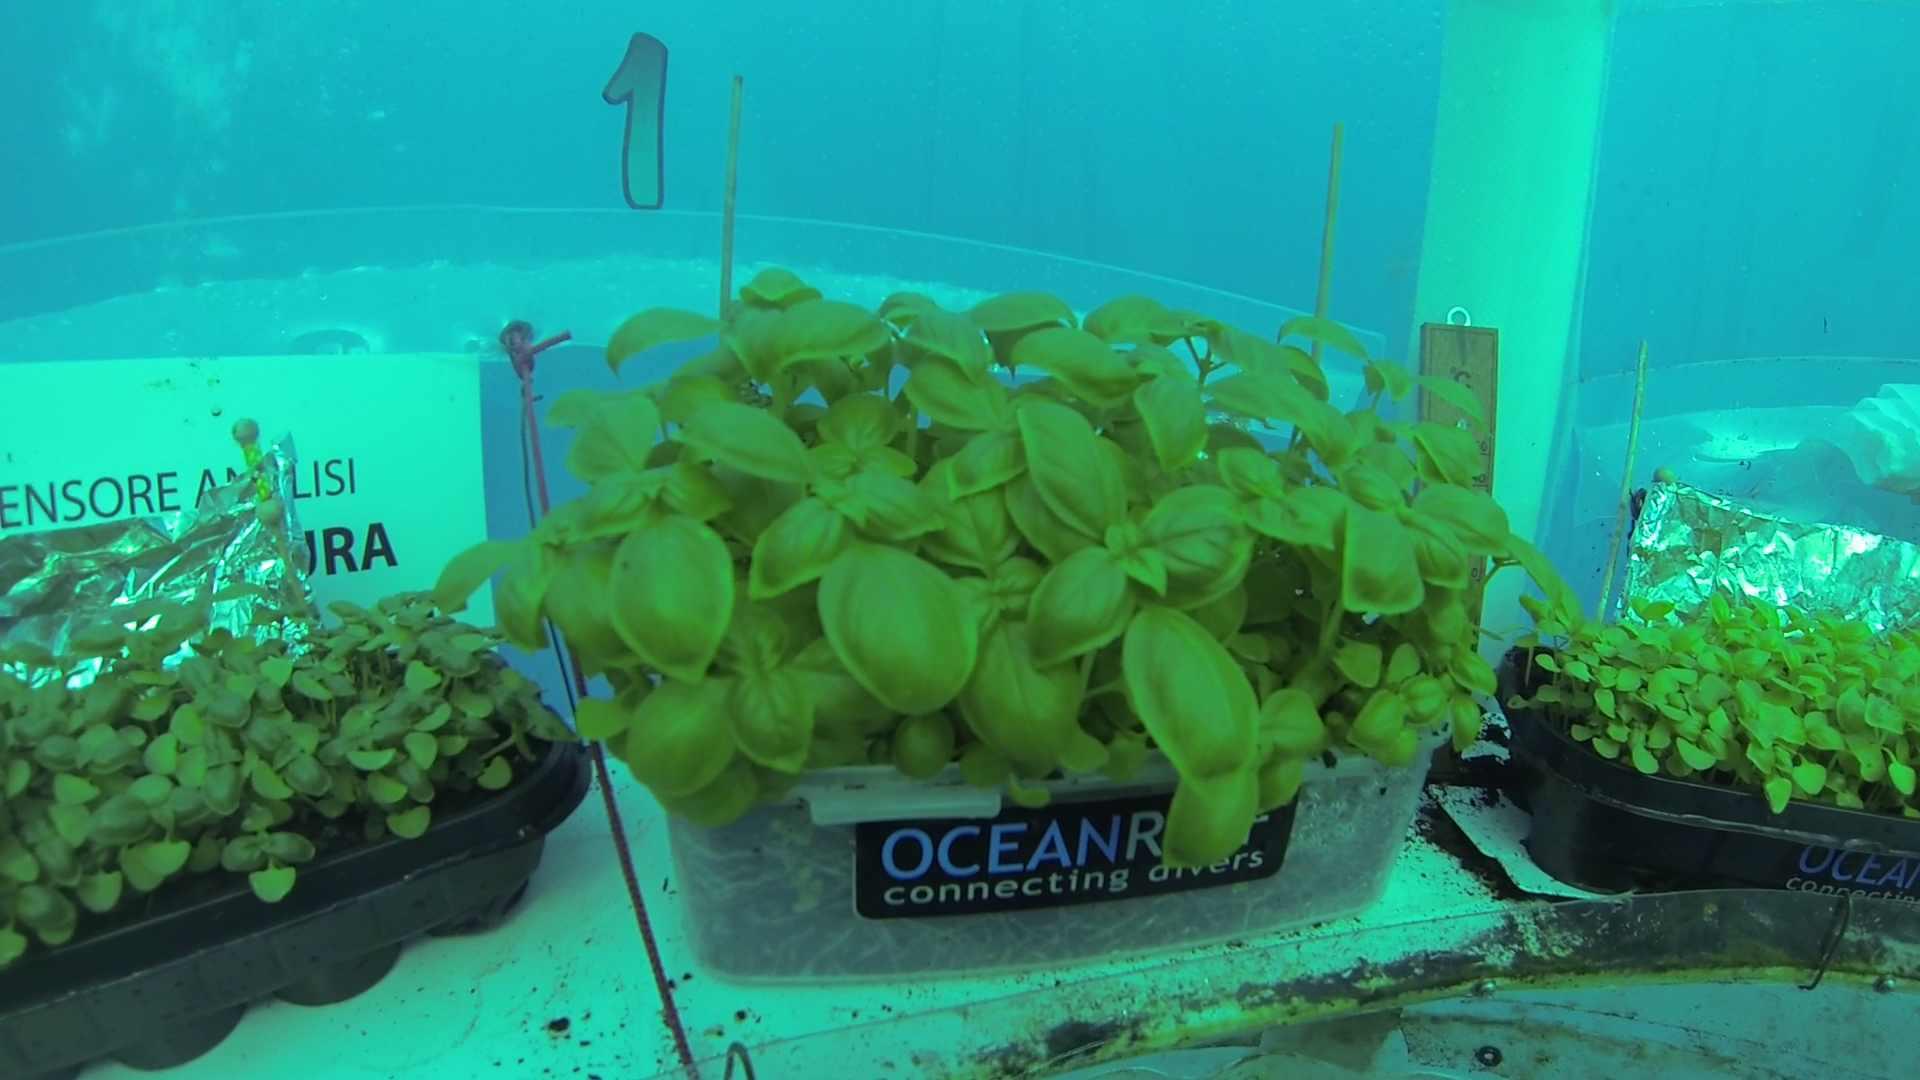 Invernaderos bajo el mar para dar de comer al planeta en el futuro